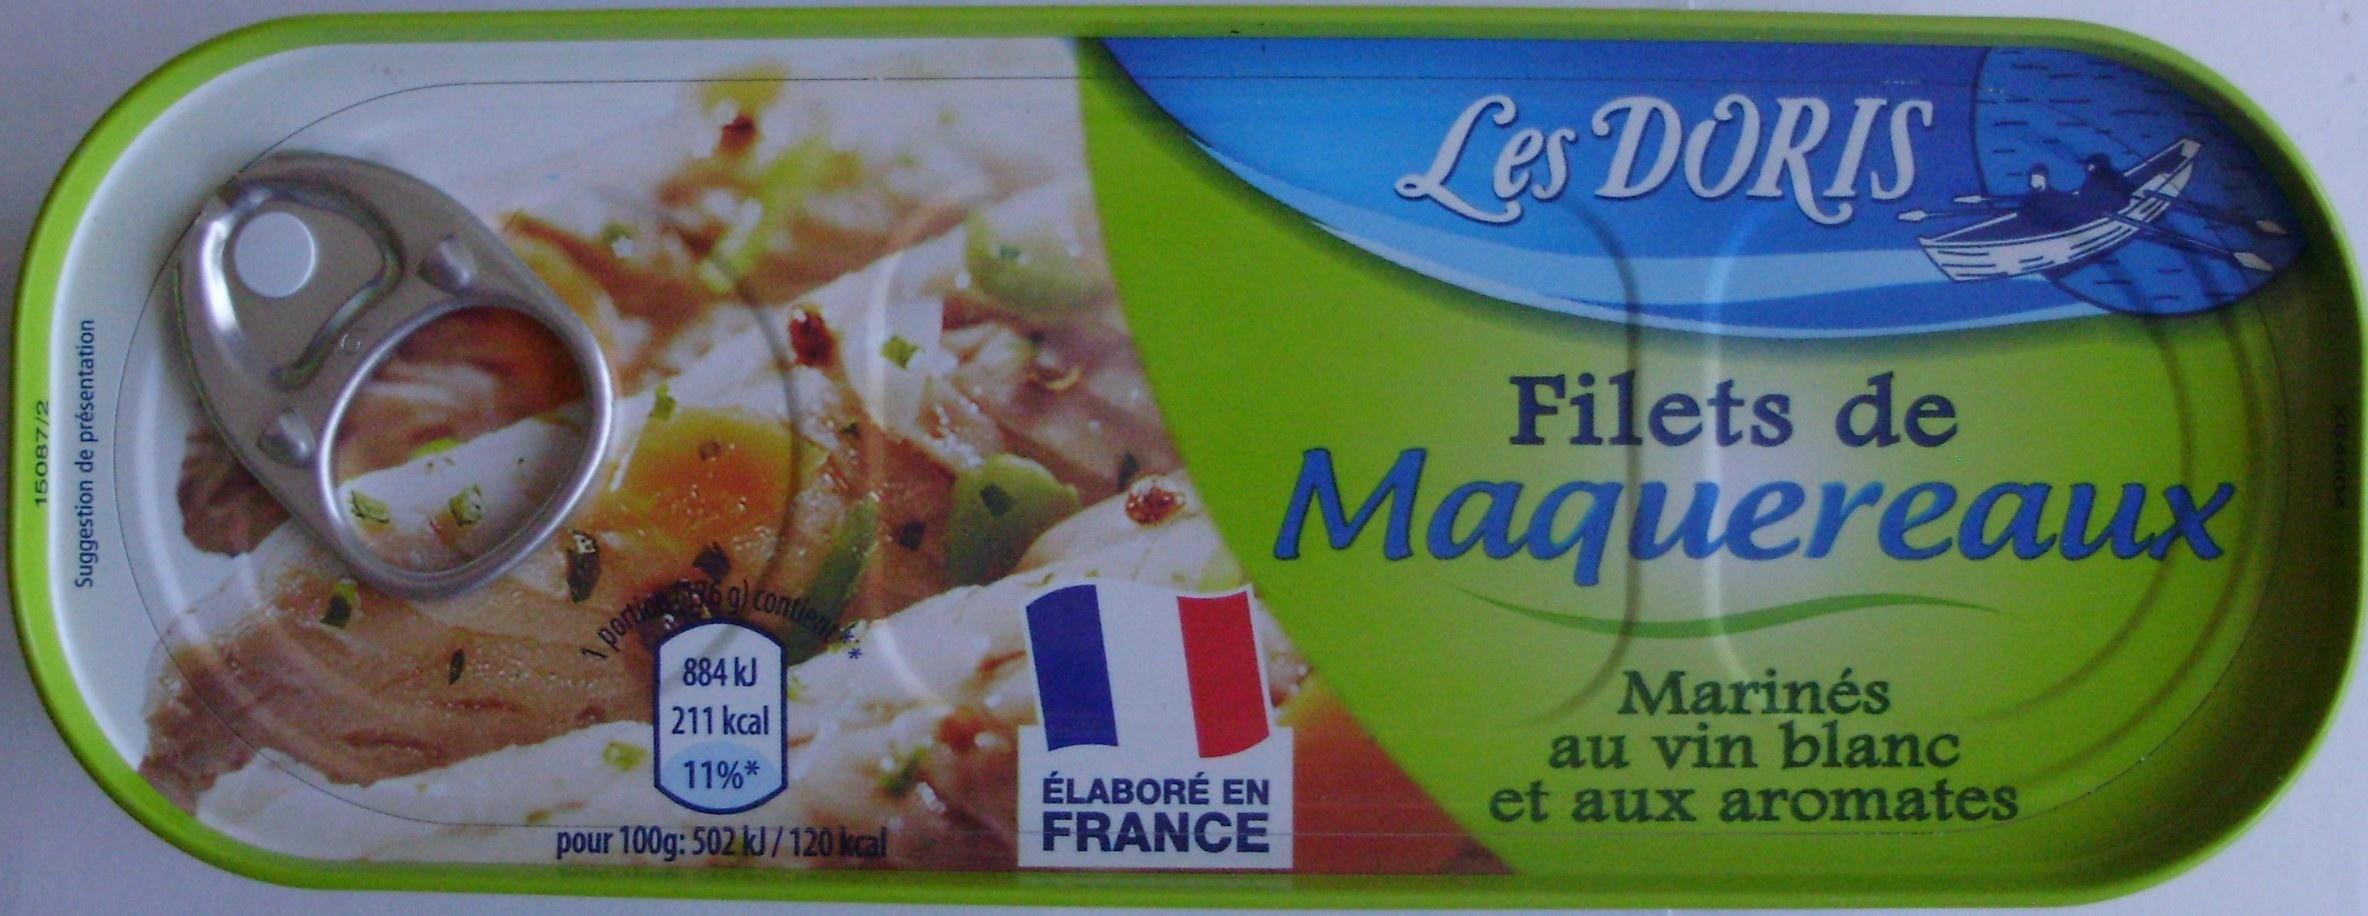 Filets de Maquereaux (Marinés au vin blanc et aux aromates) - Product